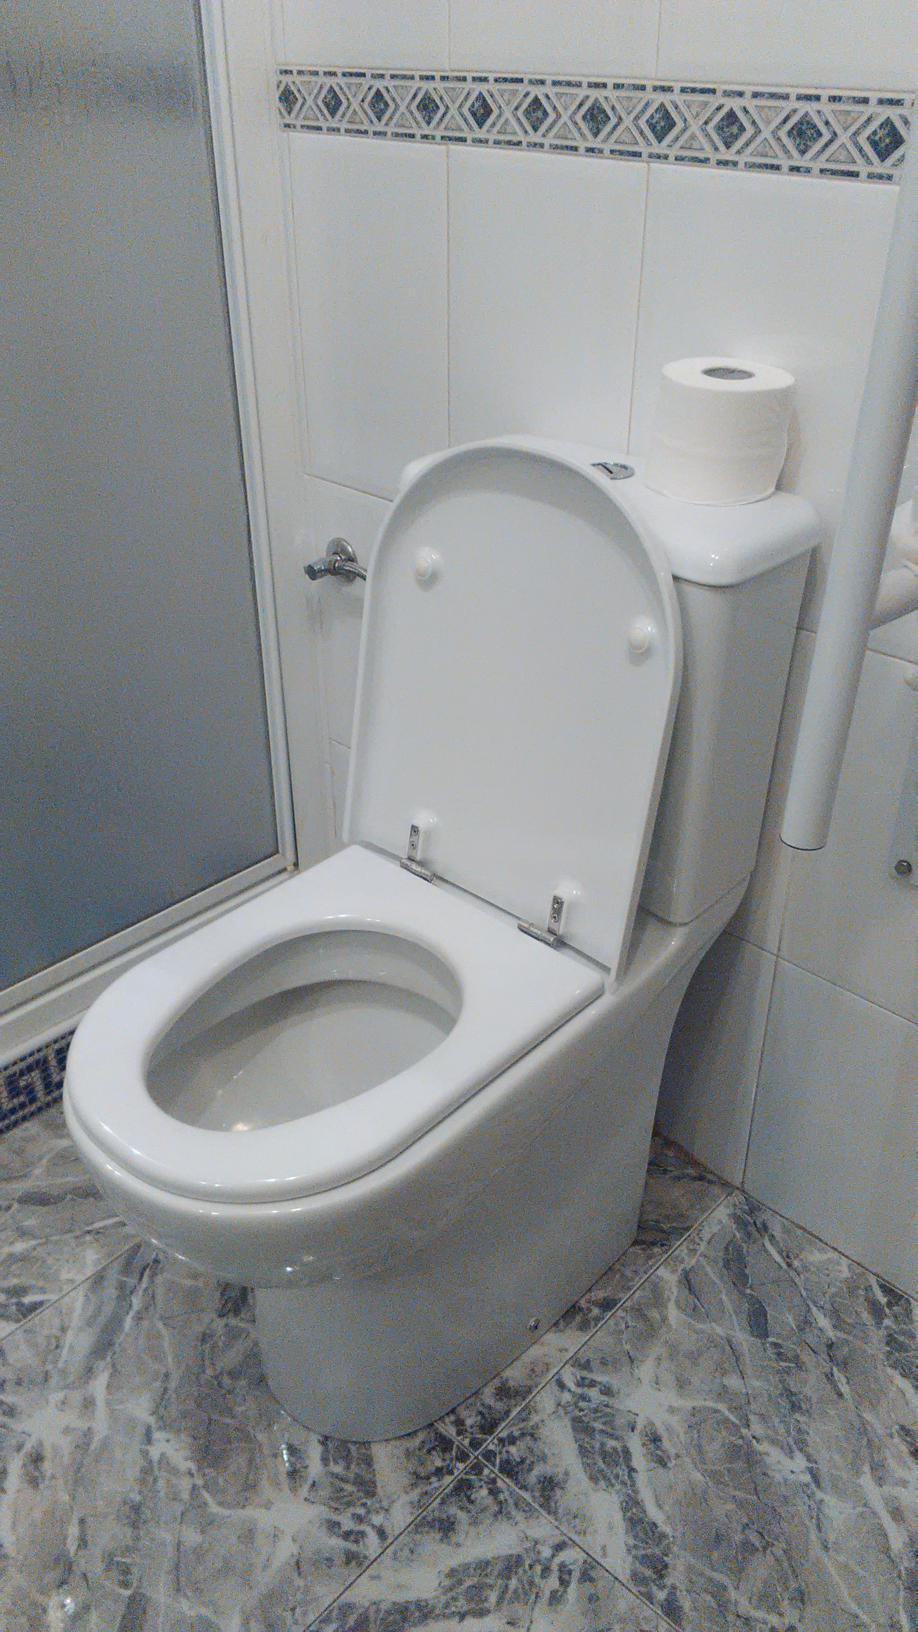 instalacion de water movilidad reducidad torrevieja orihuela